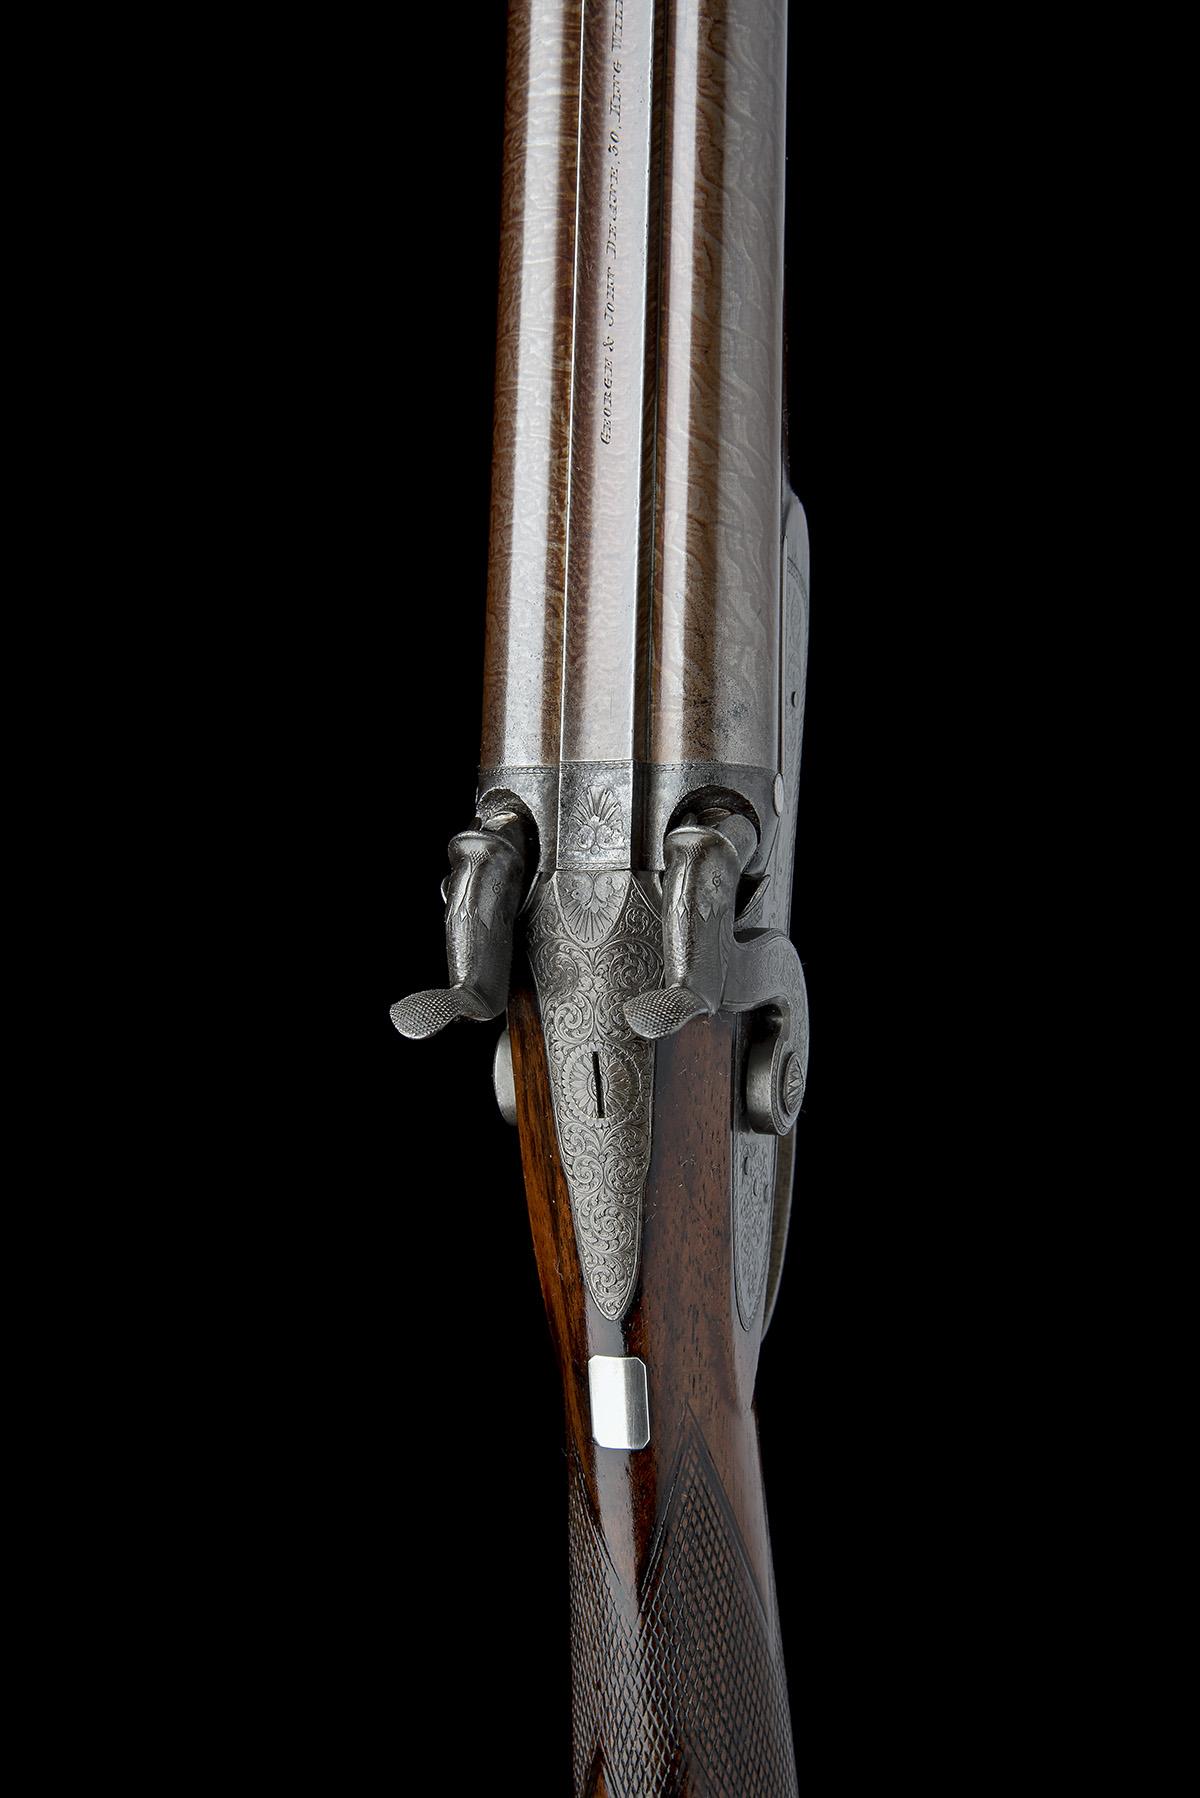 G & J DEAN, LONDON A FINE 16-BORE PERCUSSION DOUBLE-BARRELLED SPORTING-GUN, serial no. 6201, circa - Image 5 of 8